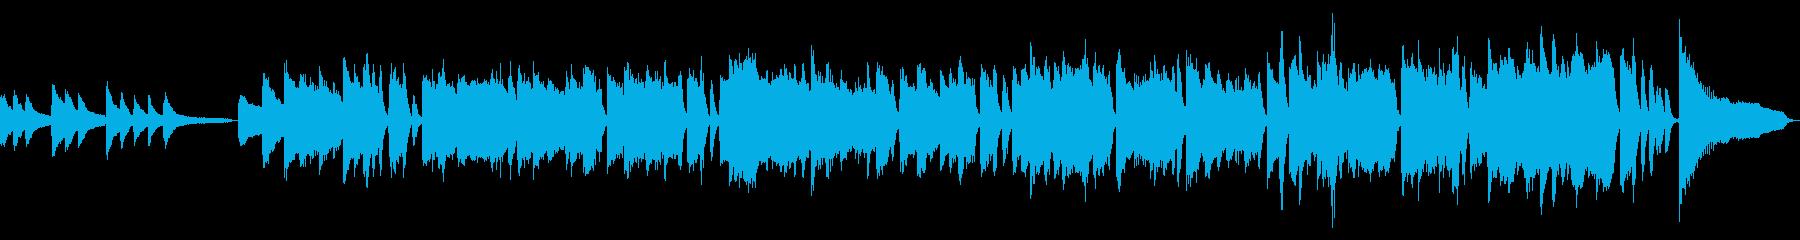 【ピアノソロ】ジングルベル(ジャズ風)の再生済みの波形